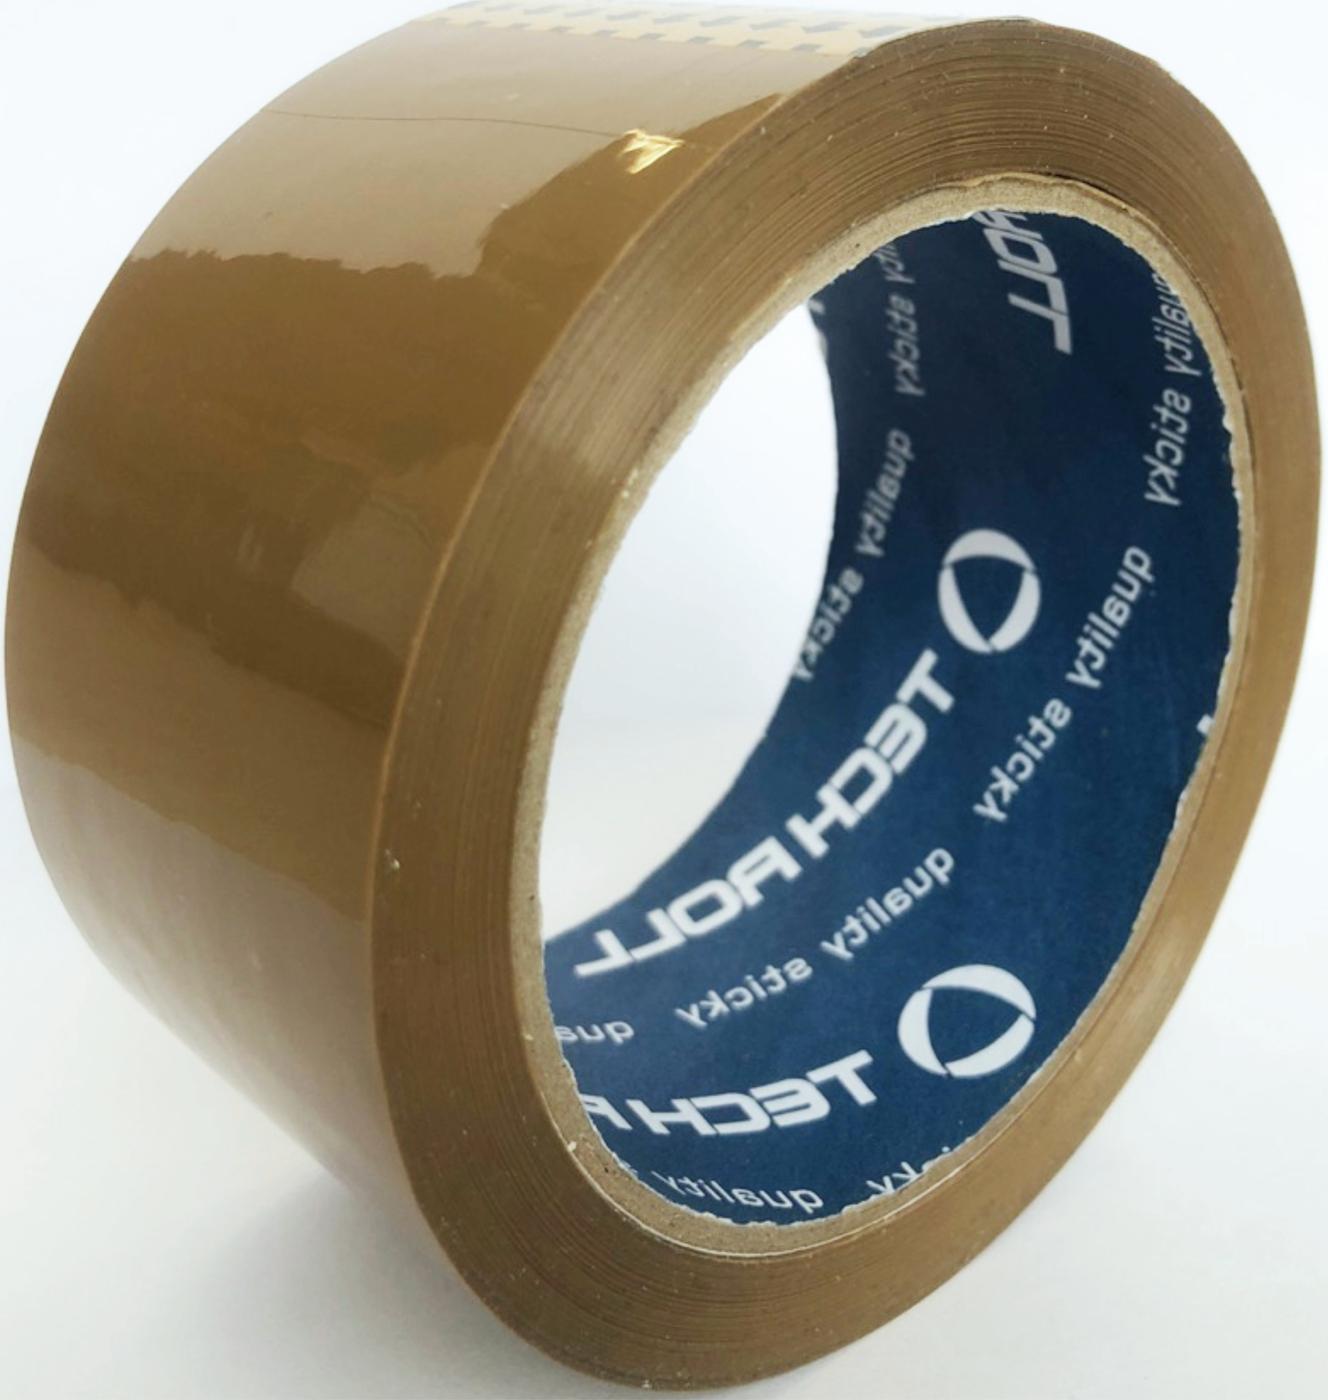 Скотч TechRoll упаковочный 48мм x 66м x 40 мкм, коричневый TechRoll